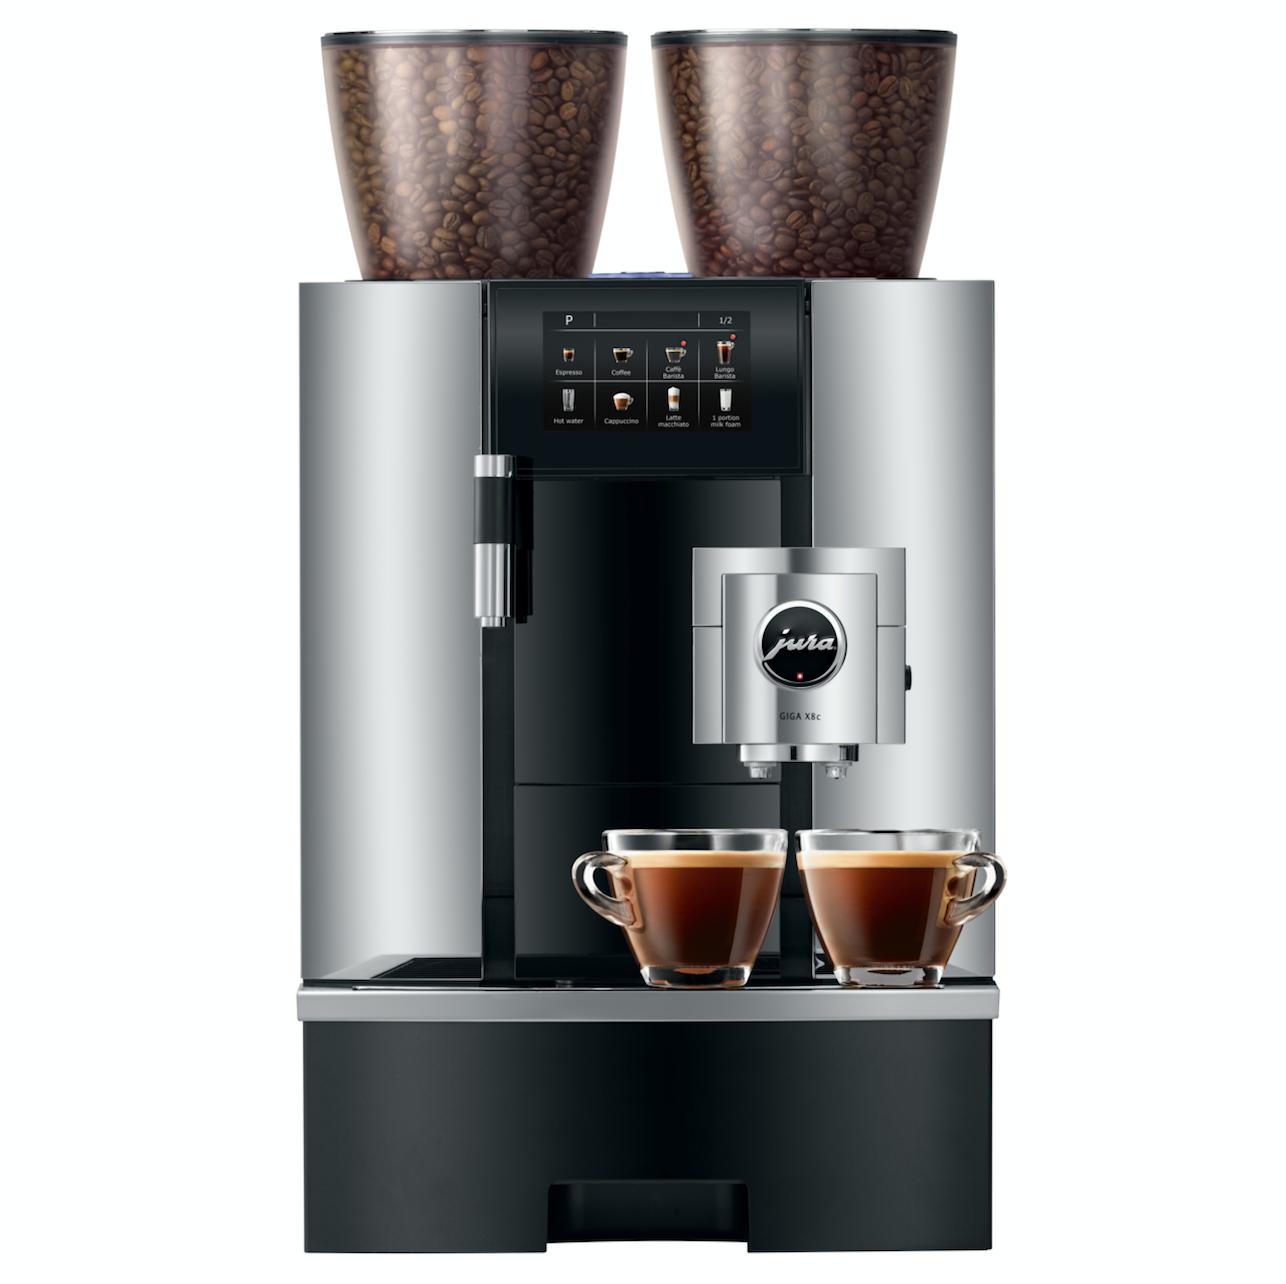 Koffiemachine voor kantoor